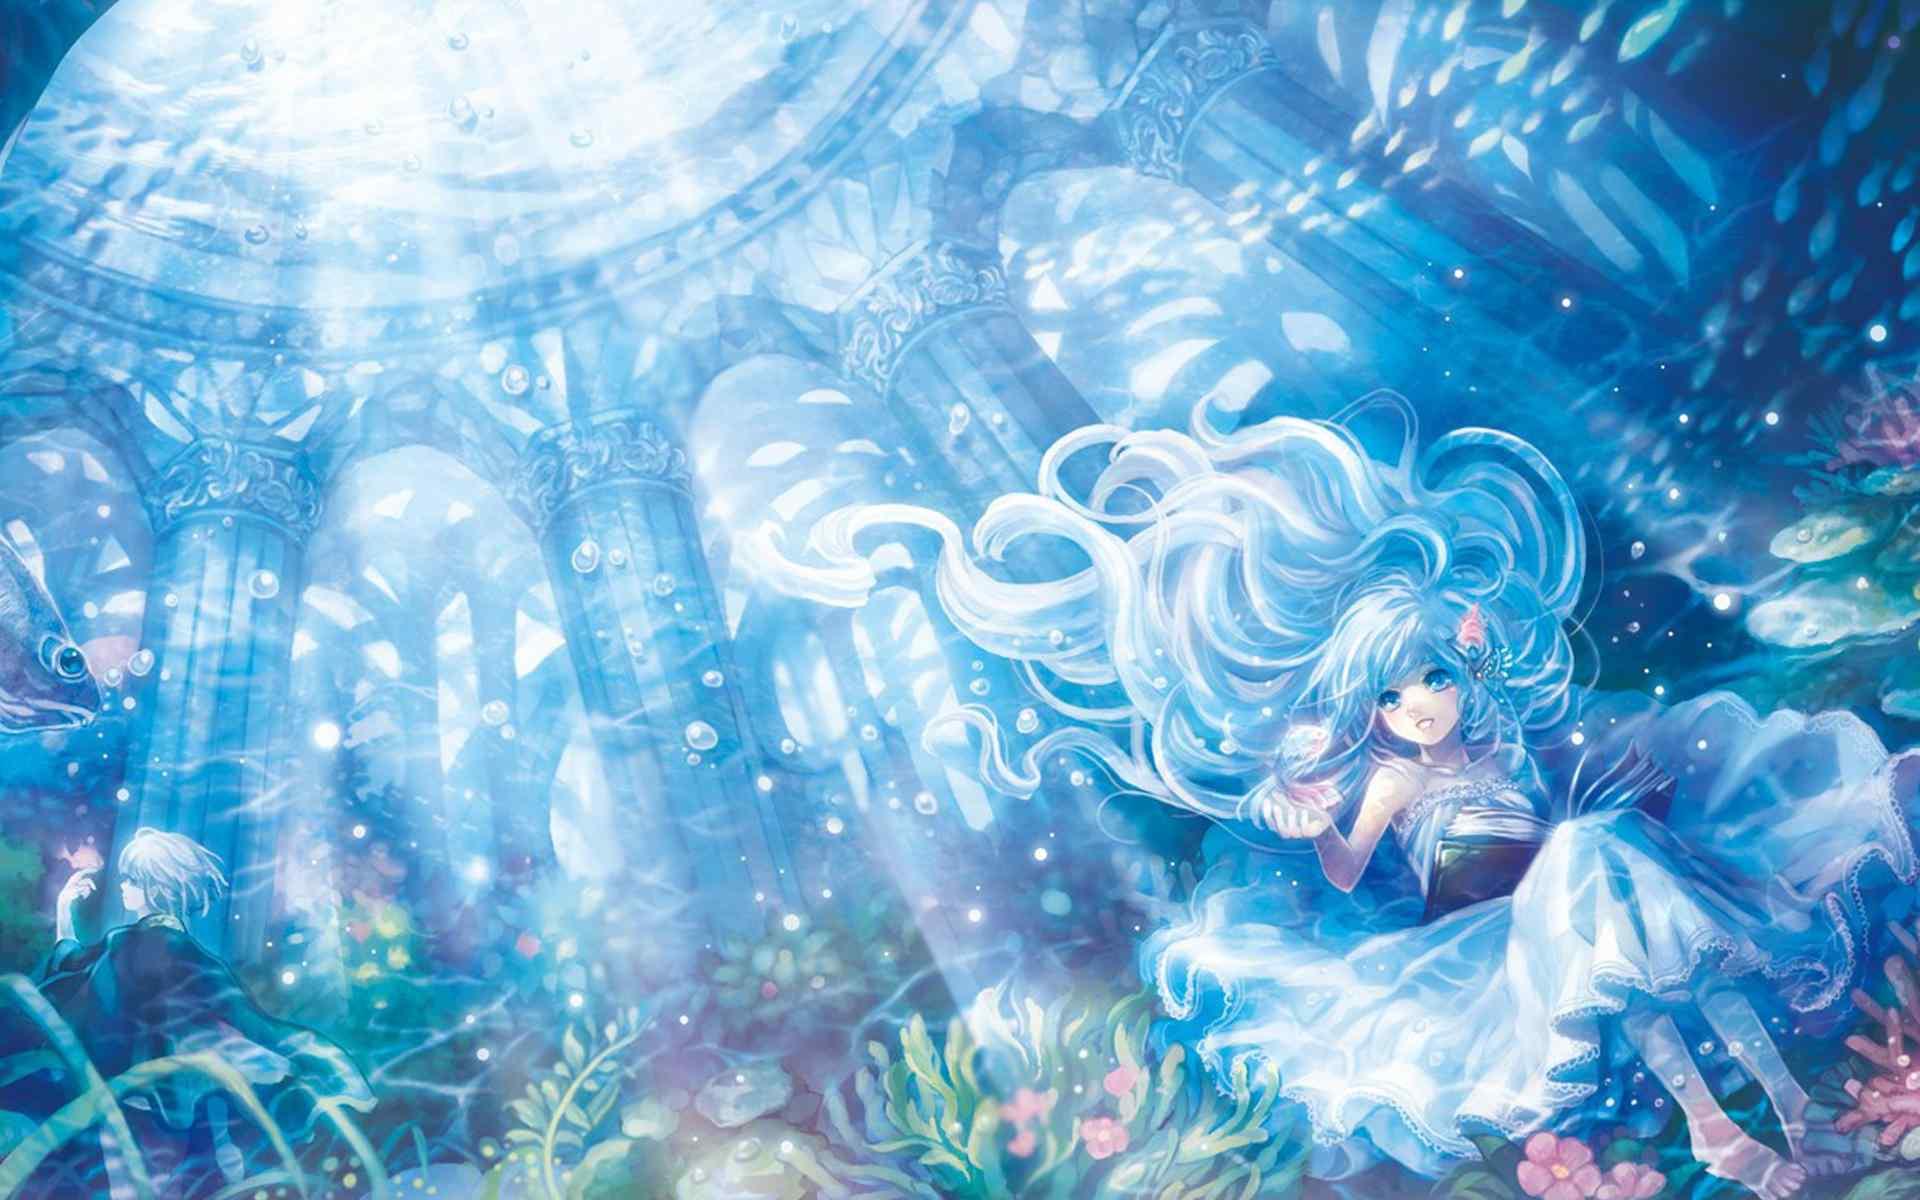 动漫图片 浪漫樱花下的美少女壁纸图片